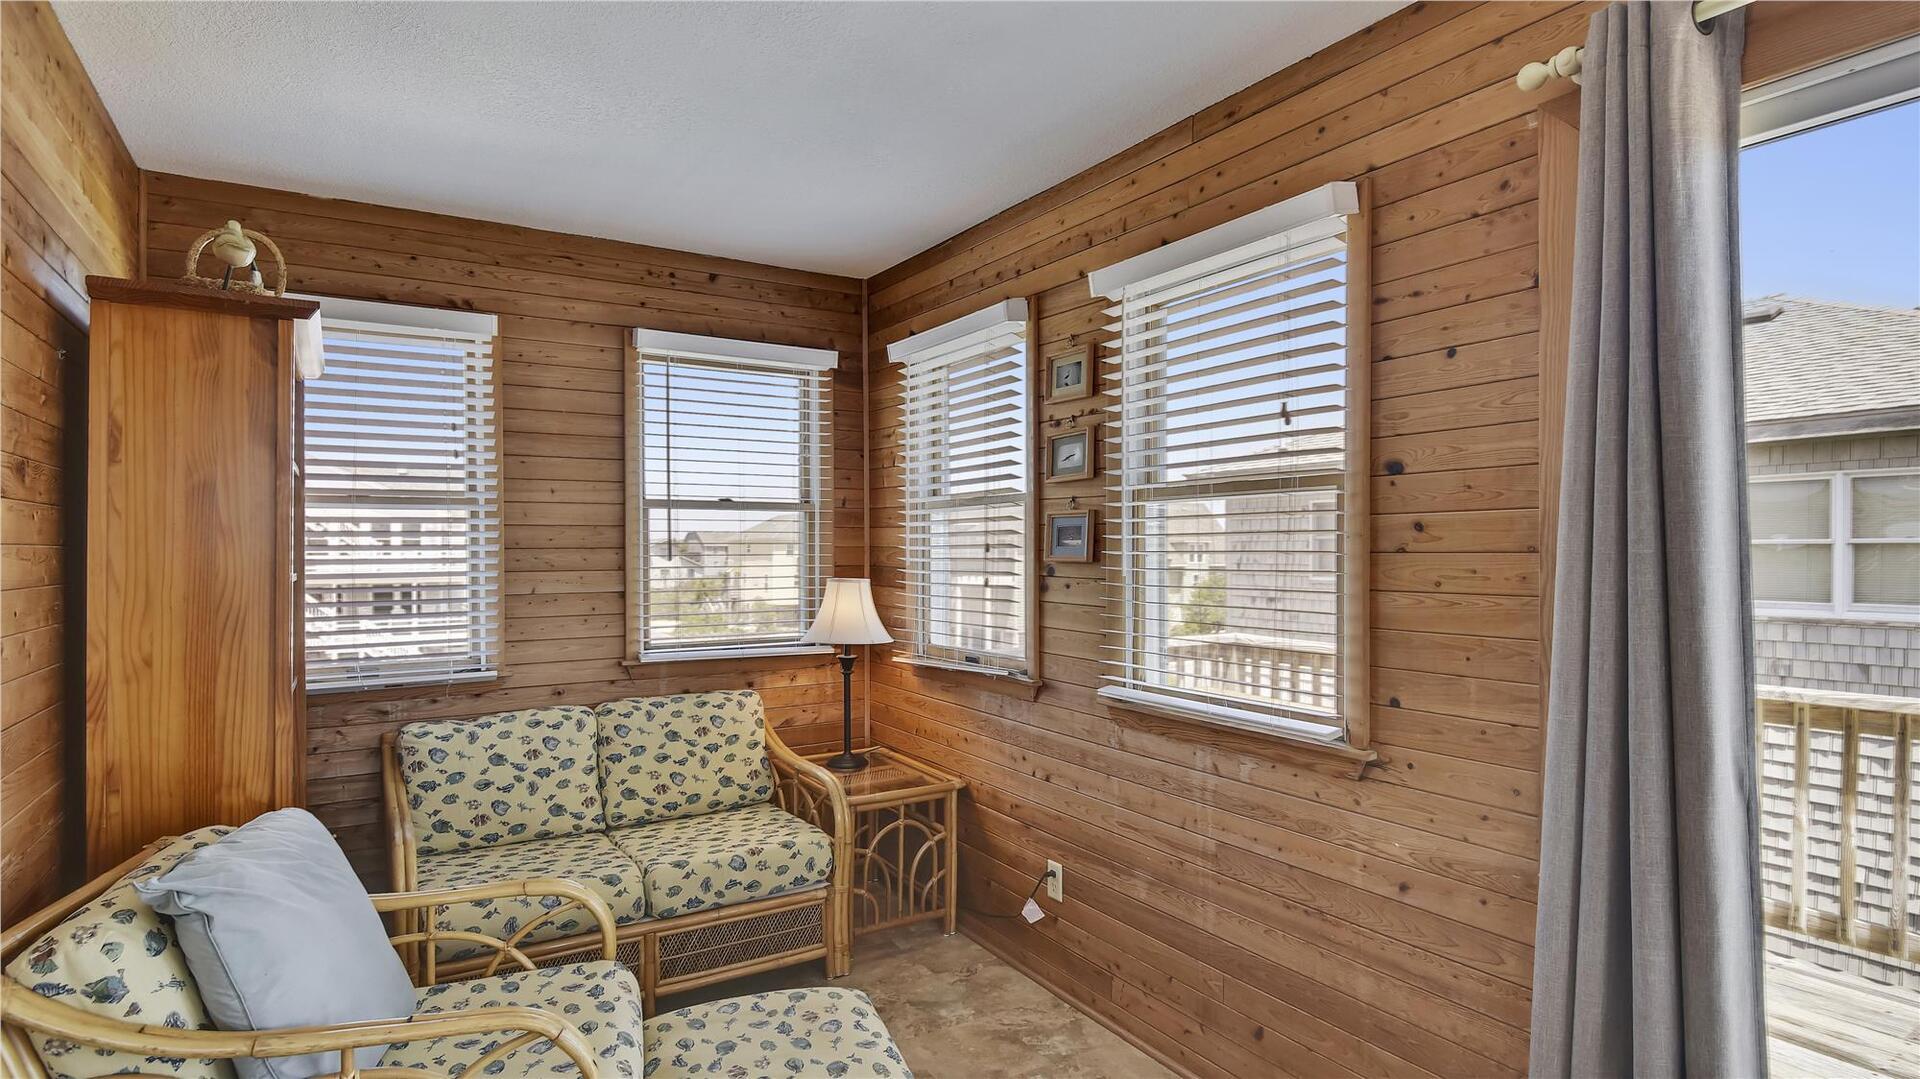 Main/Upper,Sun Room,